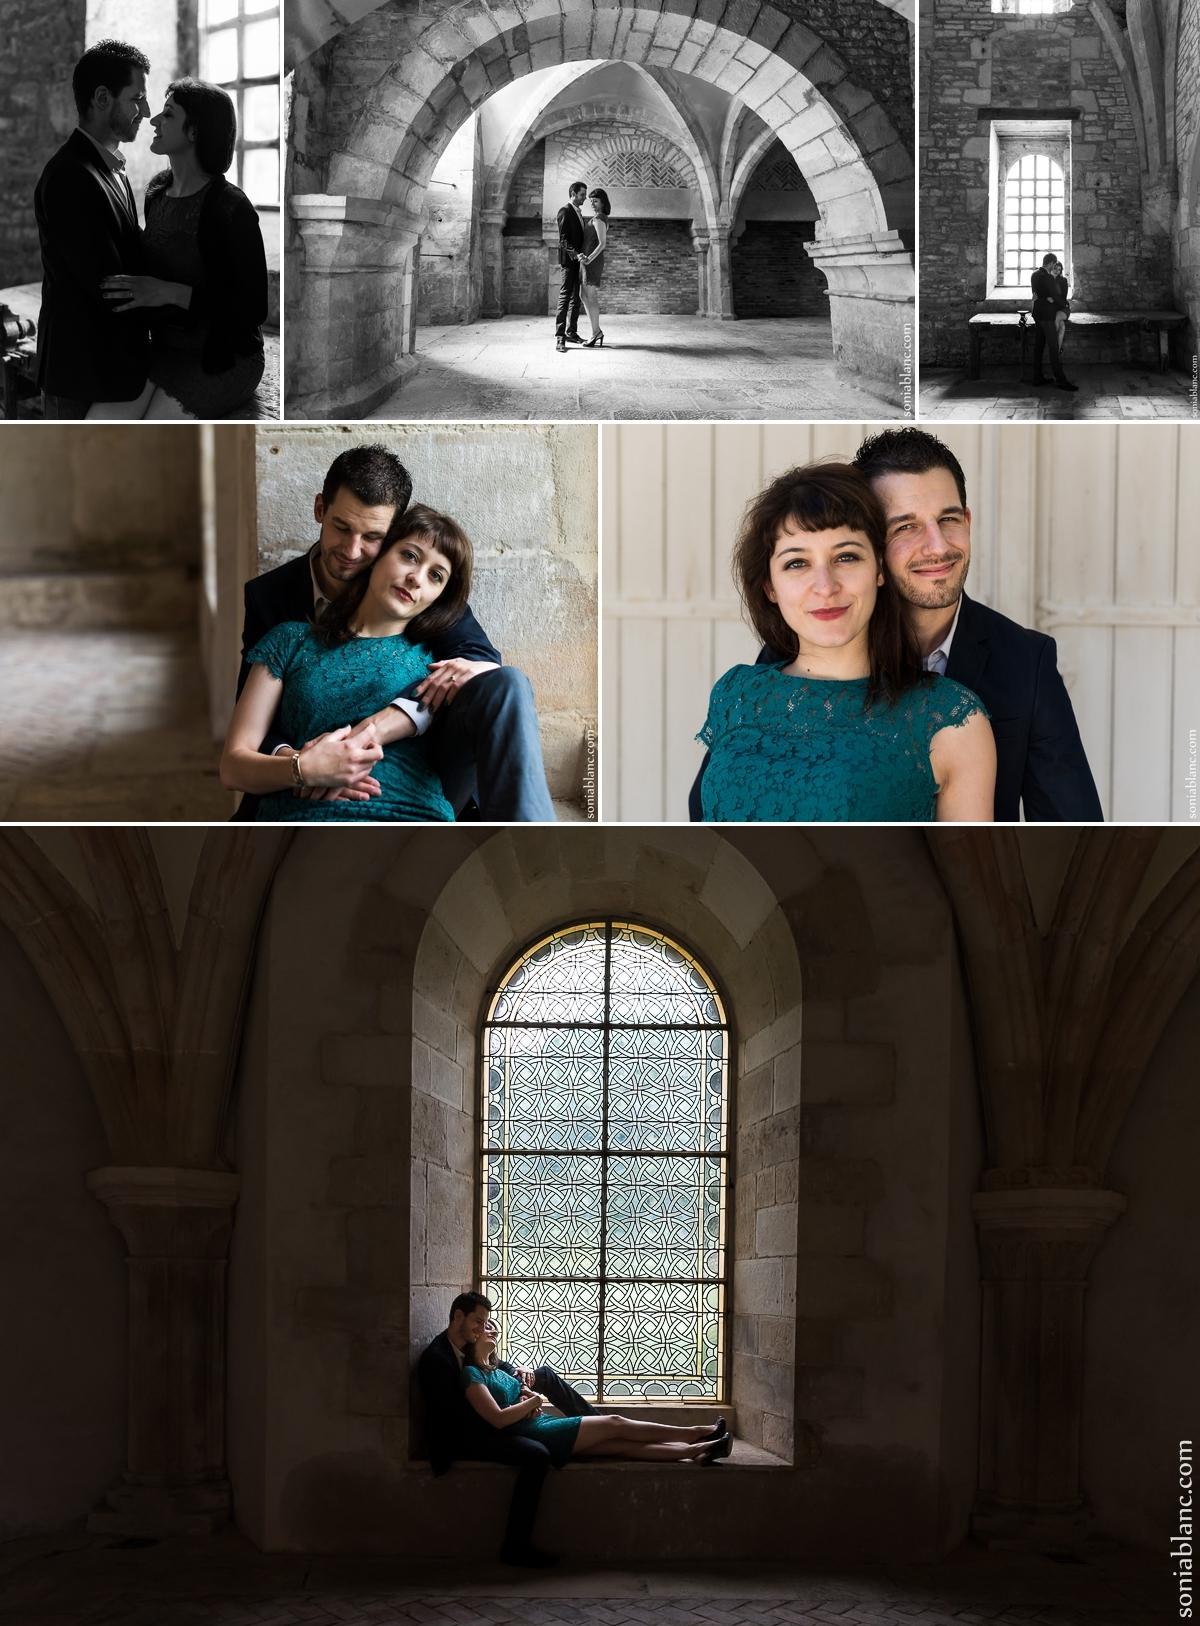 Valerie et Louis-Marie - séance photo couple - Montbard - cote d'or - bourgogne